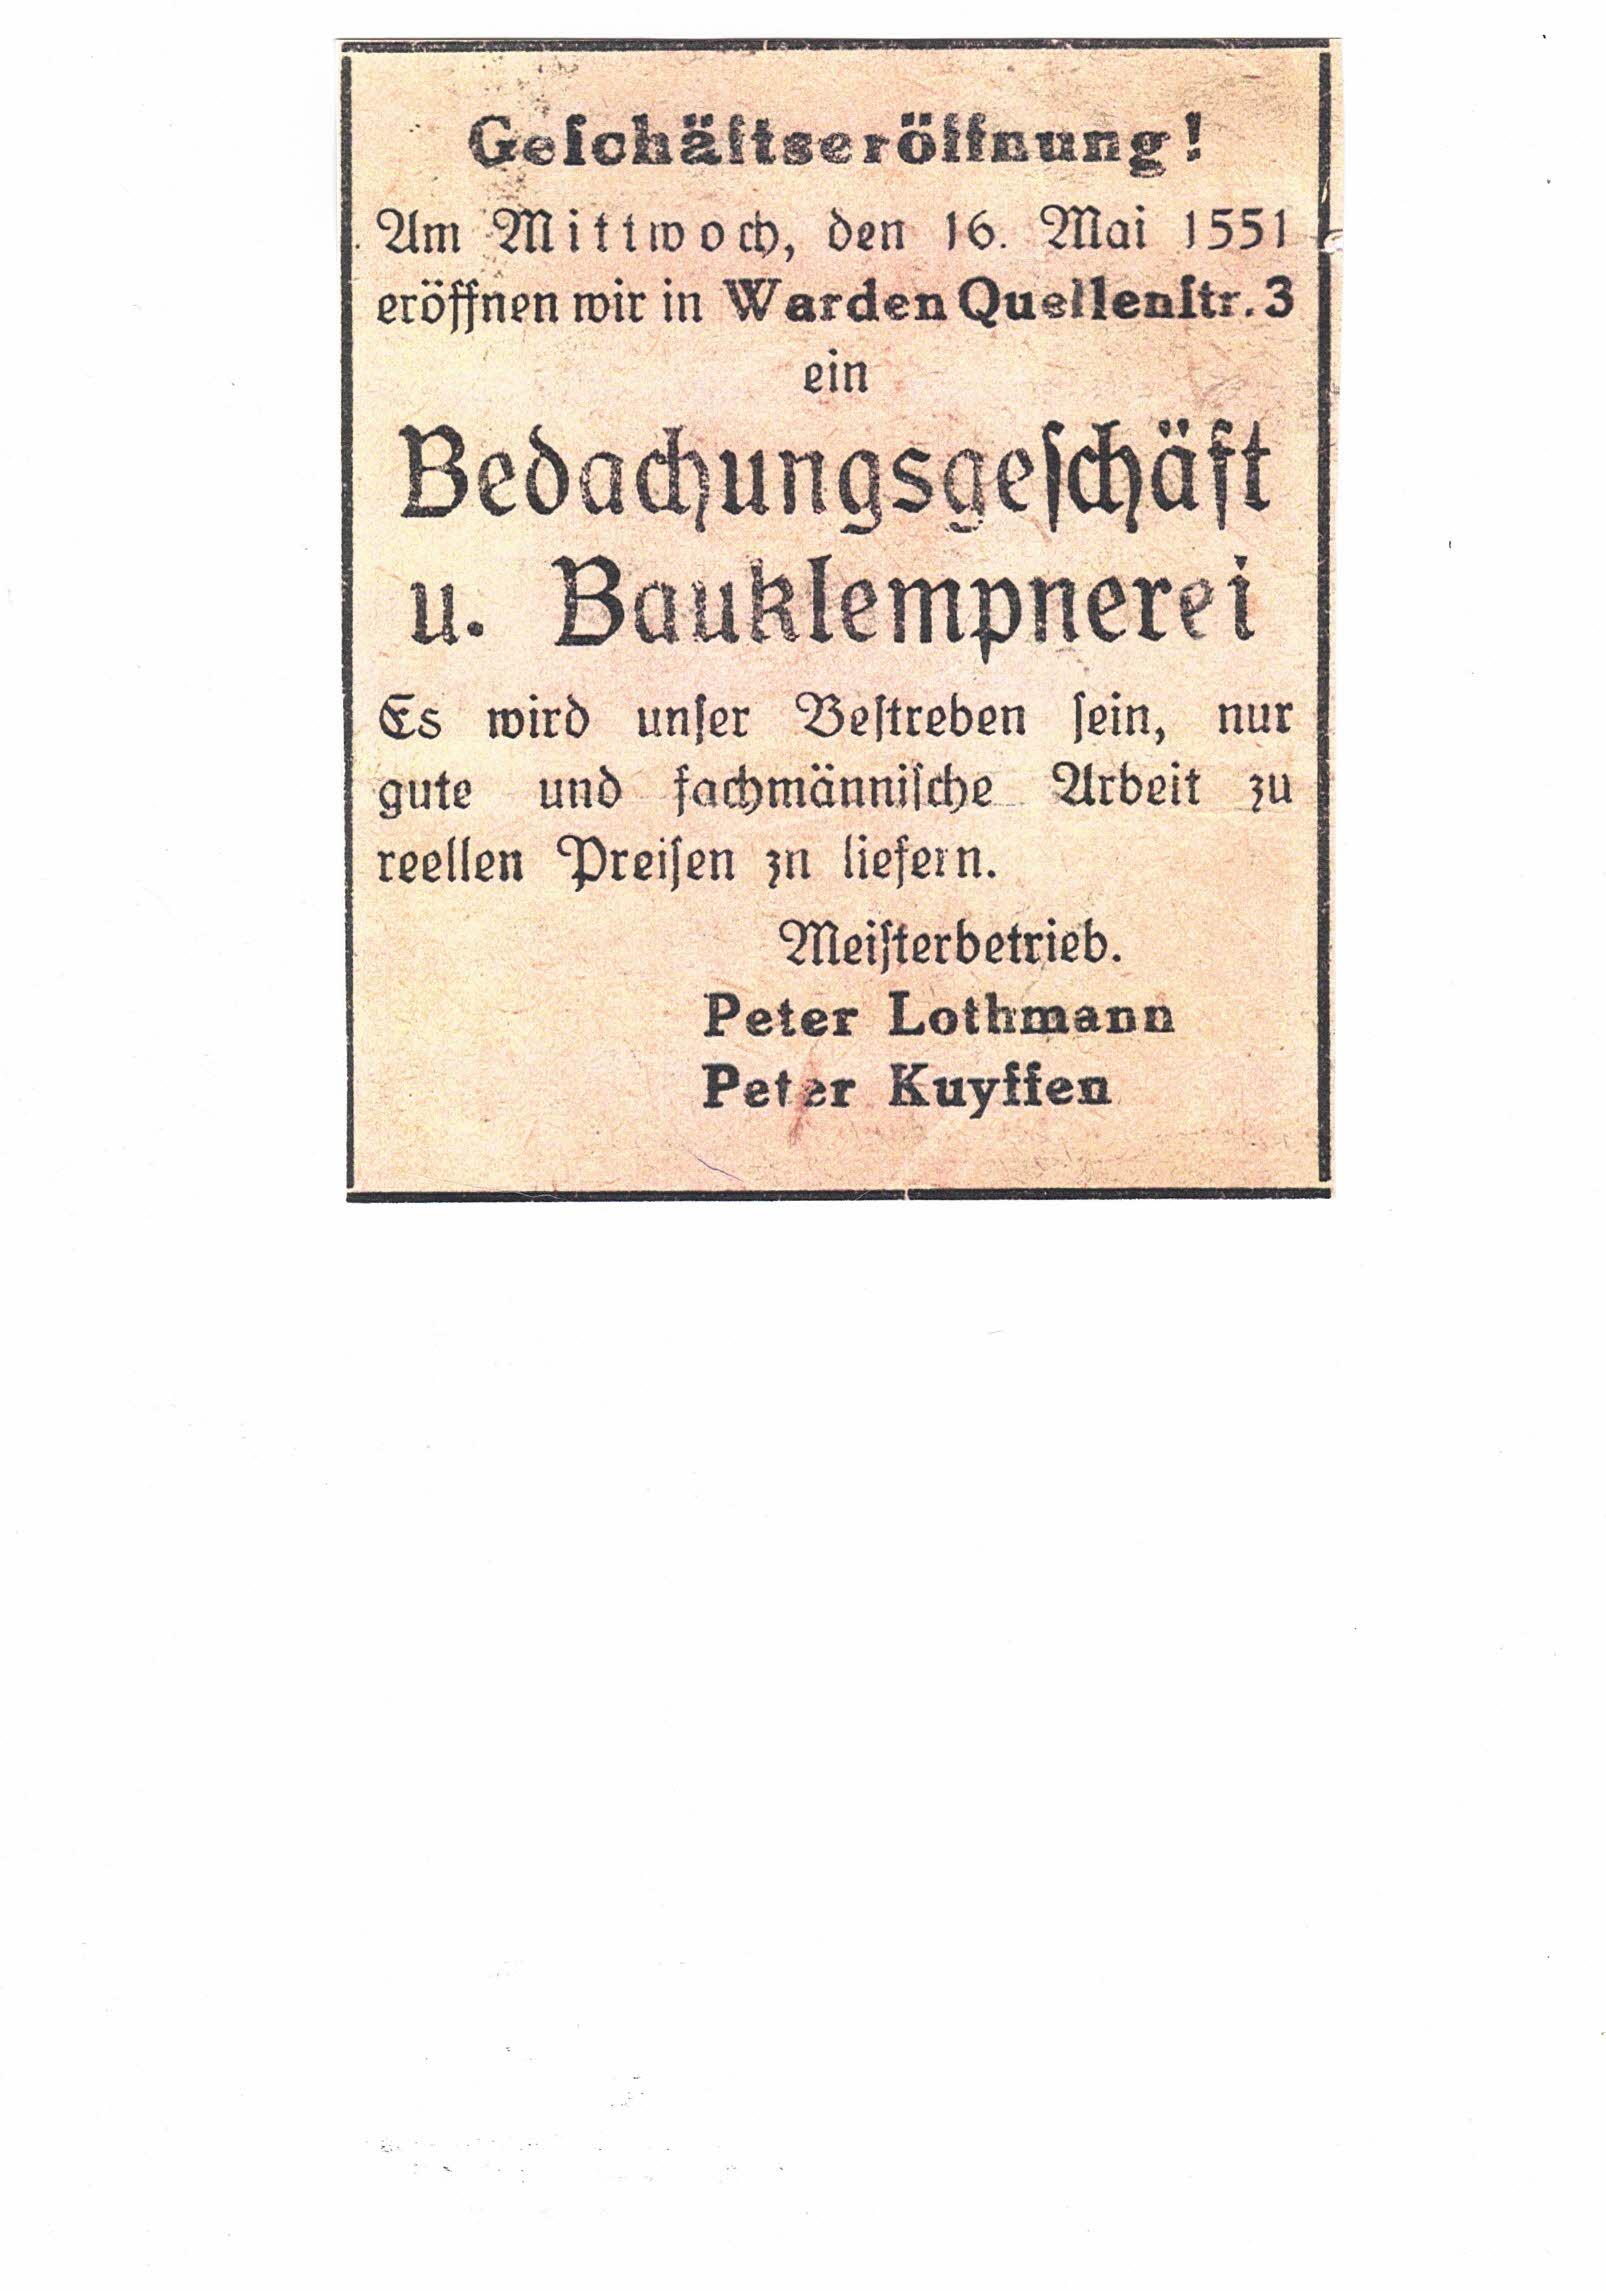 historisches-Dokument.jpg